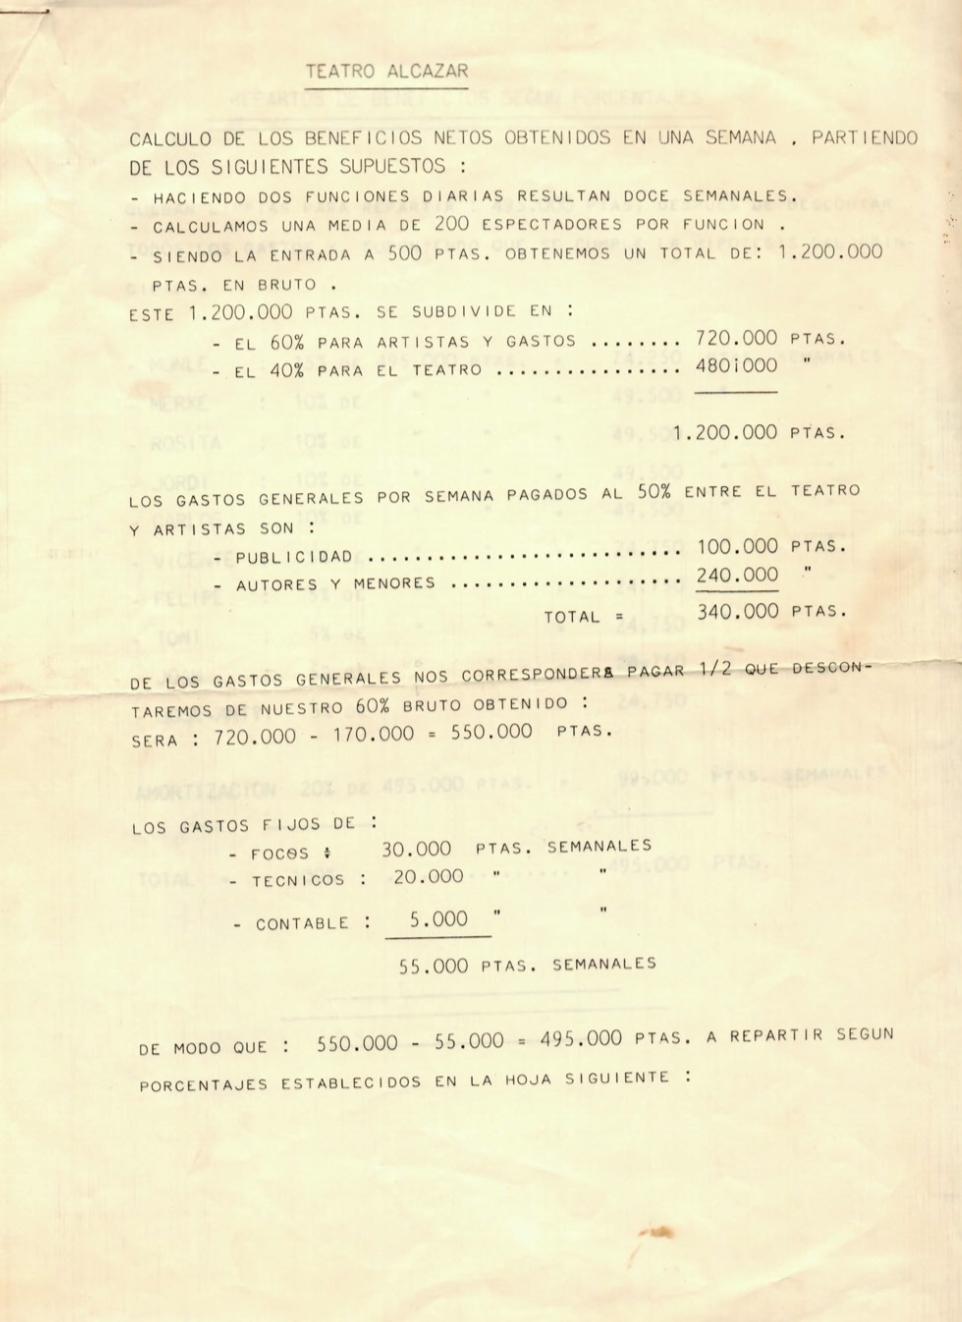 1982 Teatre Alkazar Relació de despeses i pagaments